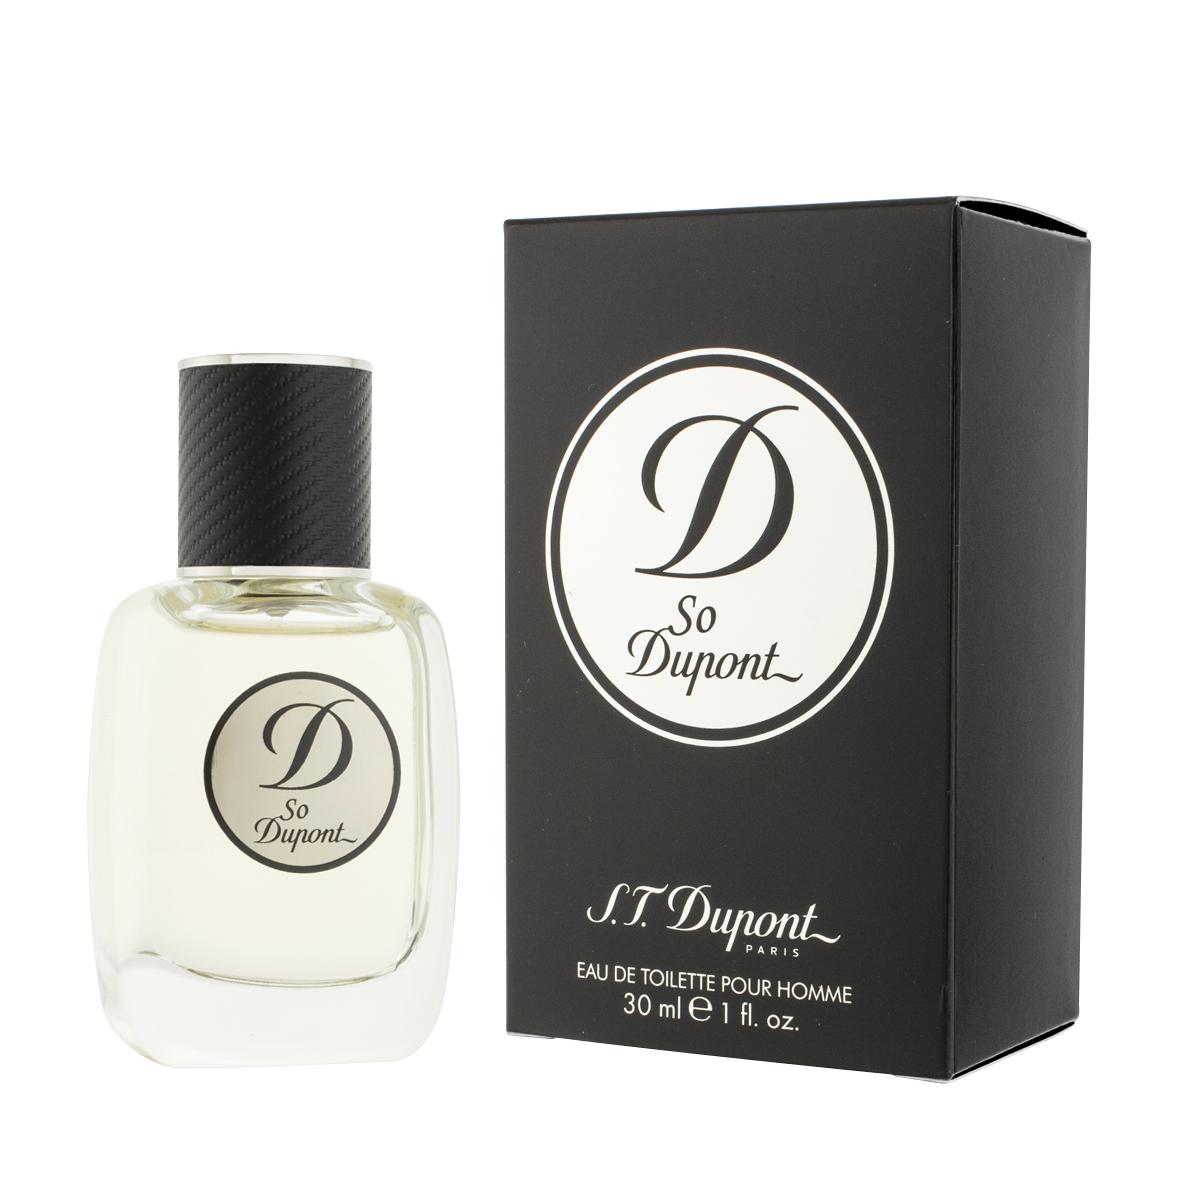 S.T. Dupont So Dupont Pour Homme Eau De Toilette 30 ml (man)